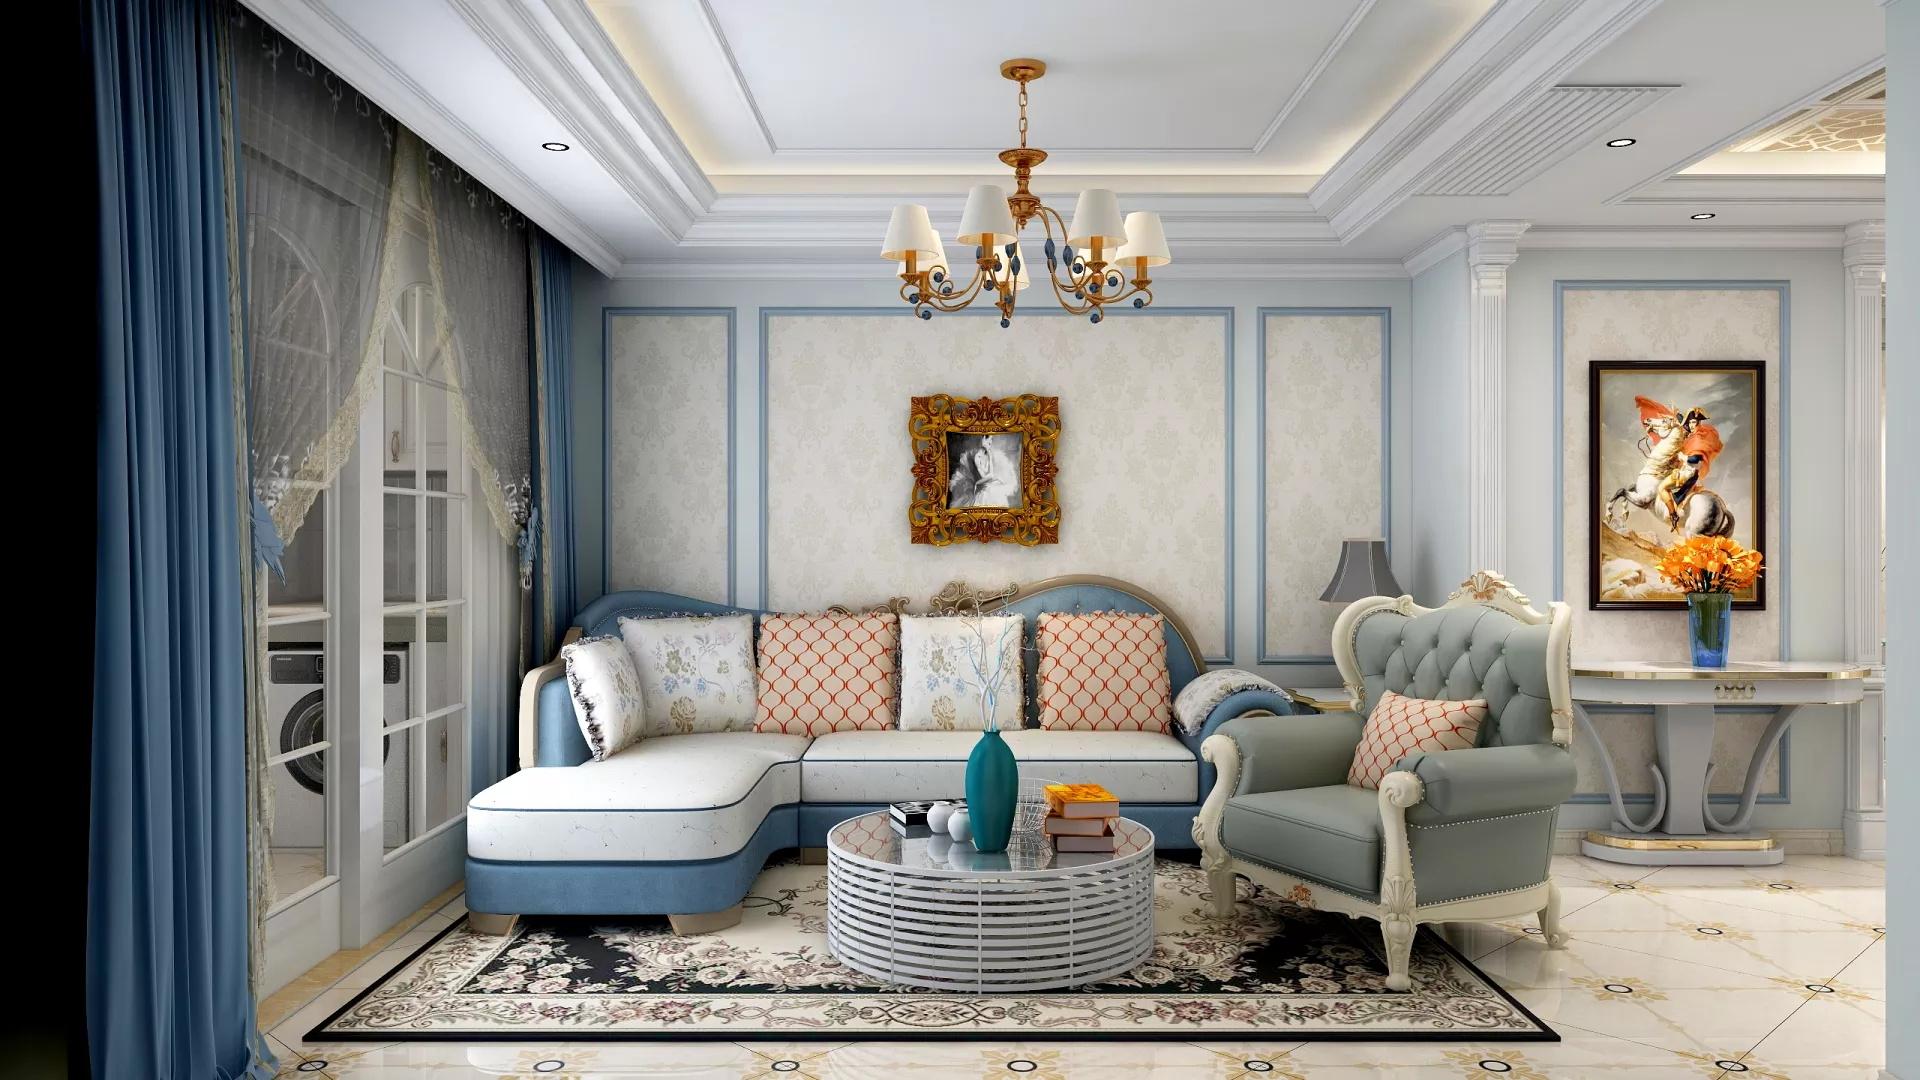 中式大气风格客厅装修效果图